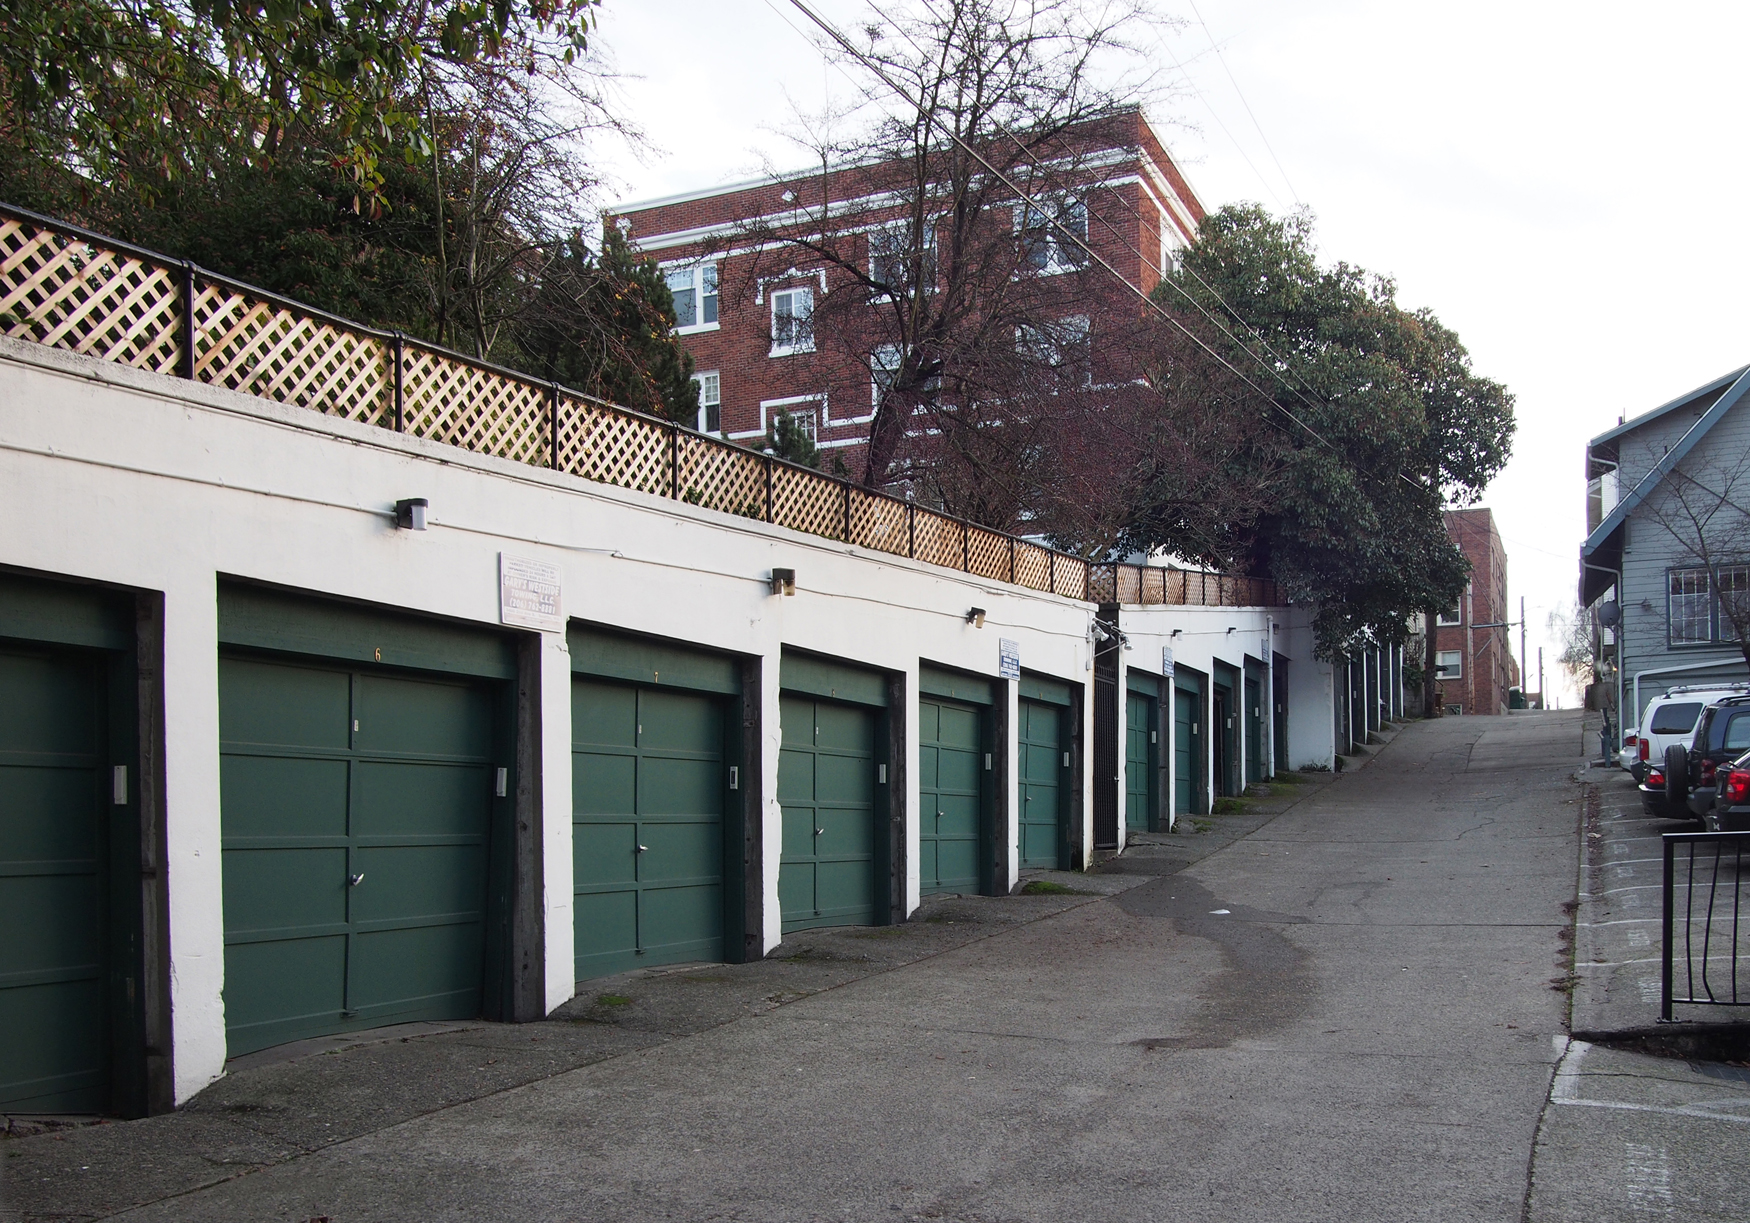 2014_0105 Garage Doors small.jpg